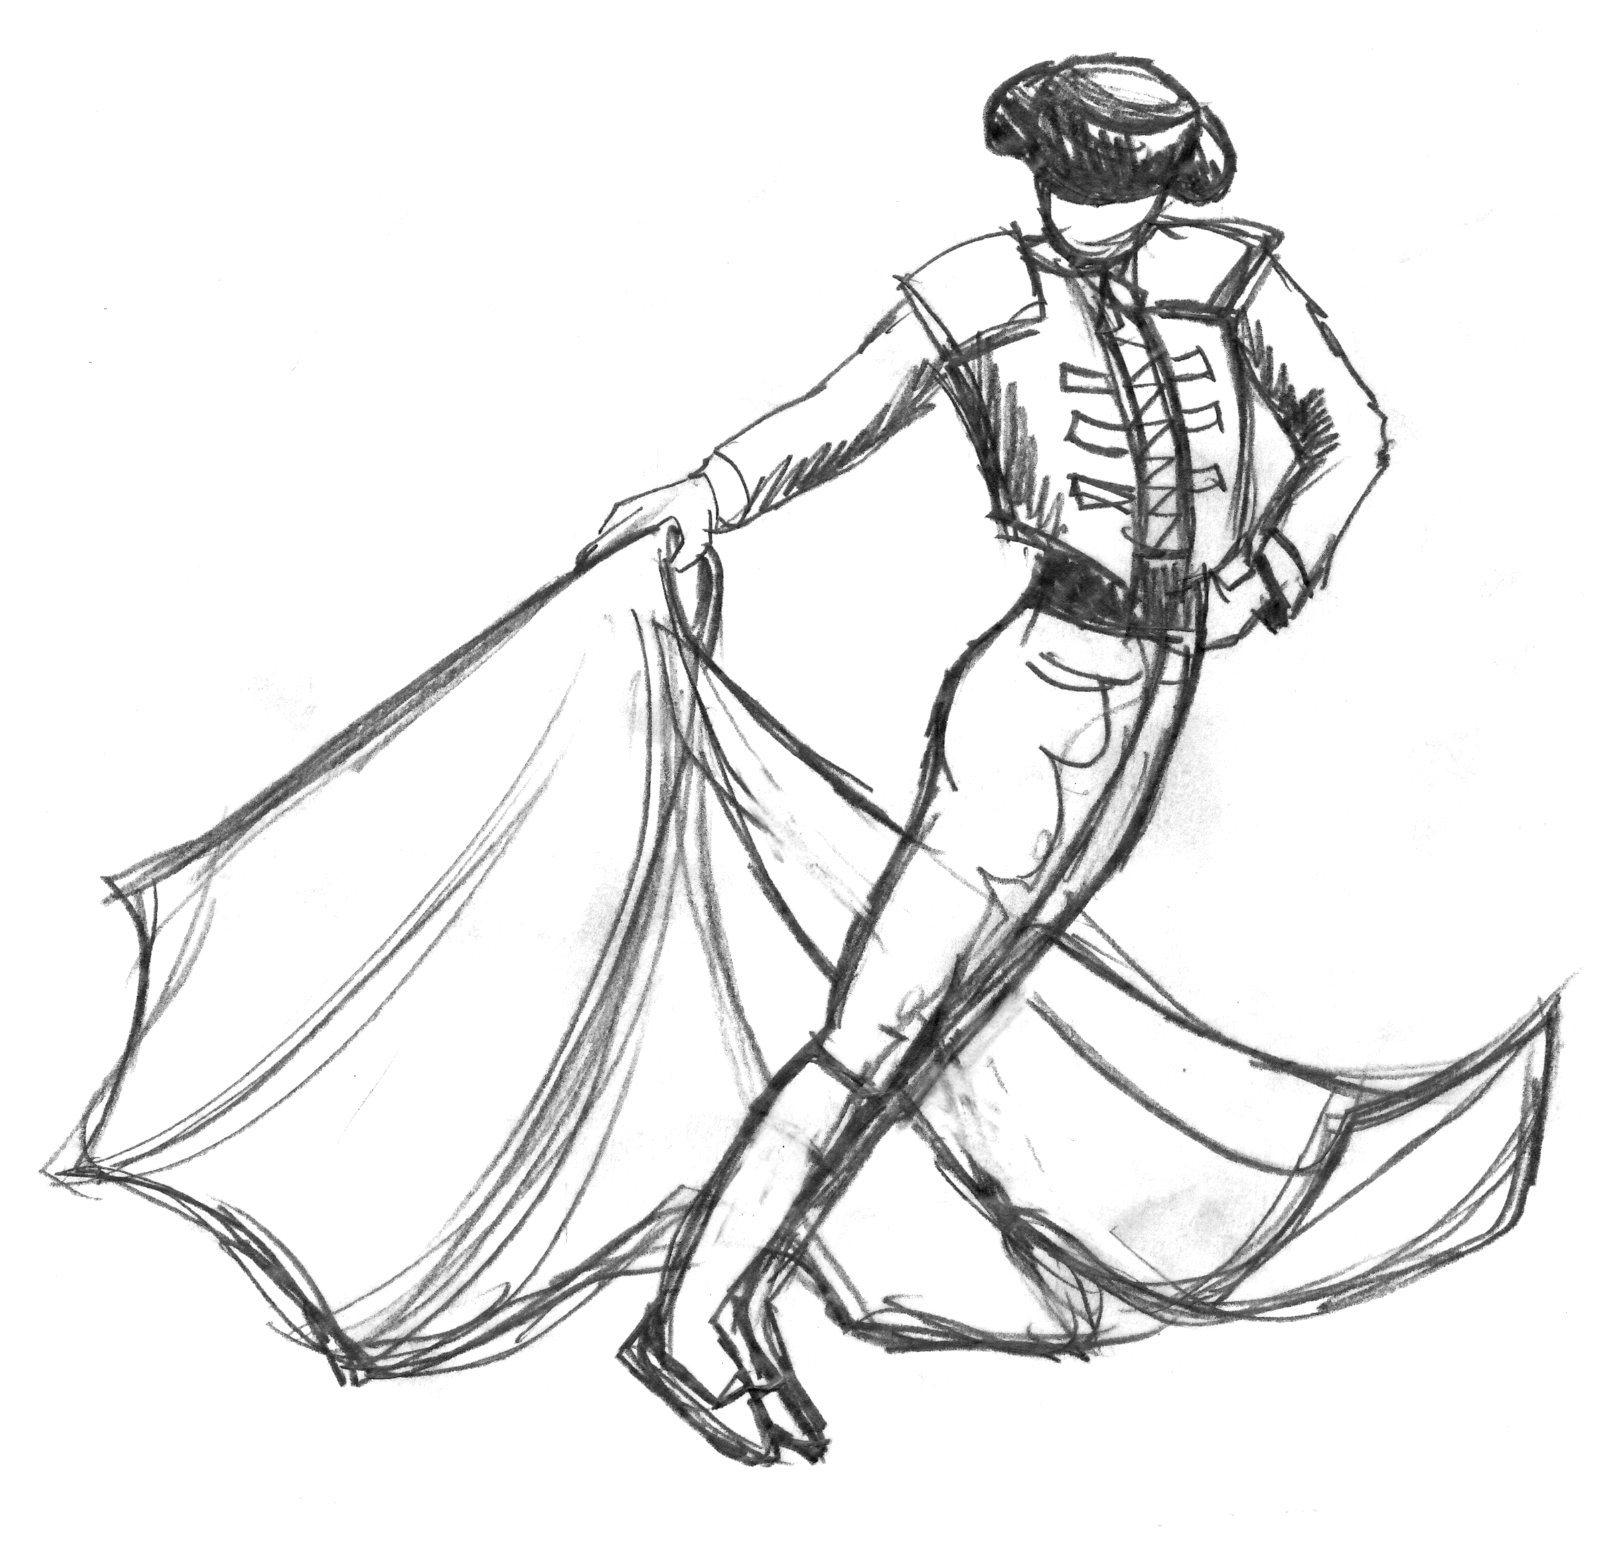 Matador Drawing at GetDrawings.com | Free for personal use ...